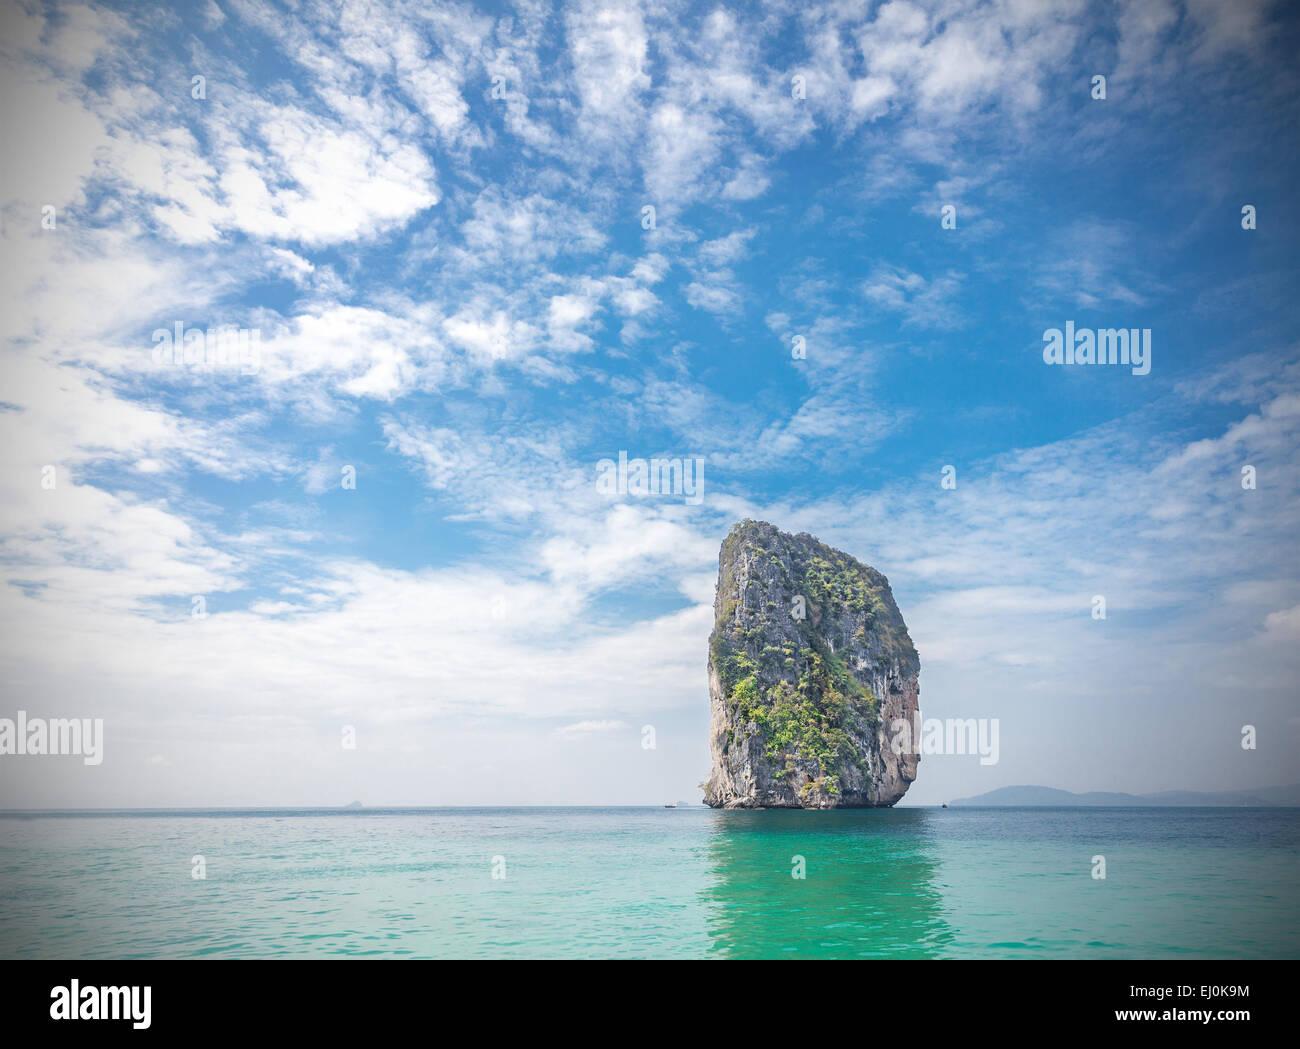 Isola tropicale situato nella provincia di Krabi, Thailandia. Effetto vignetta applicata. Immagini Stock